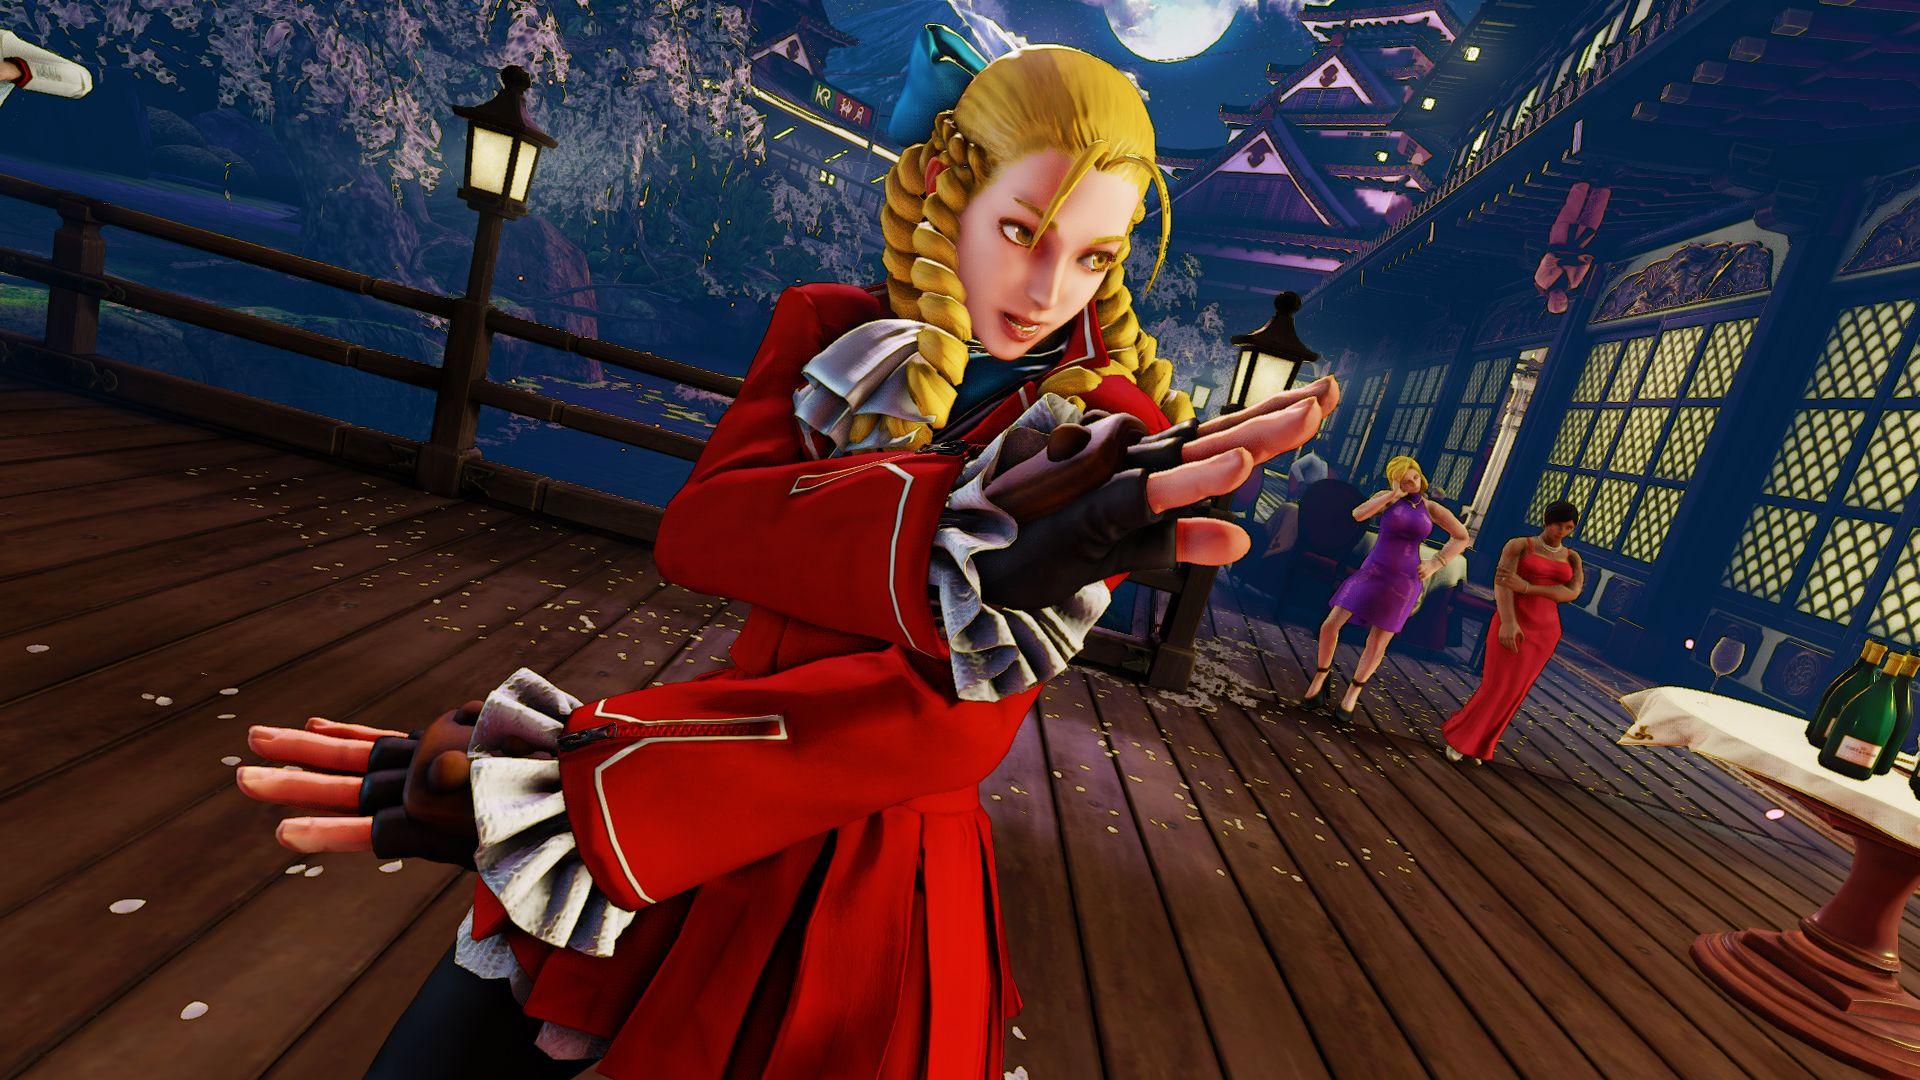 Karin Kanzuki (Street Fighter)